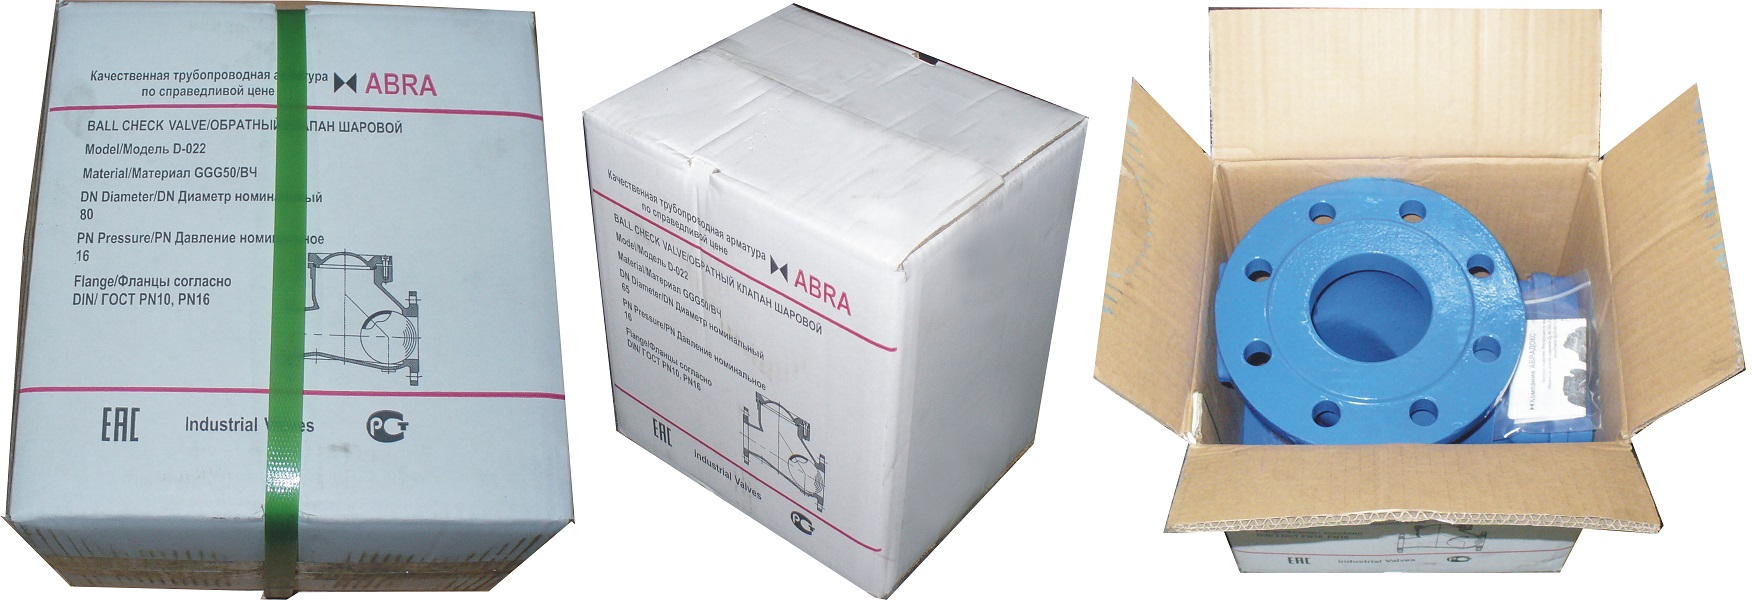 Упаковка обратных клапанов ABRA малых и средних размеров